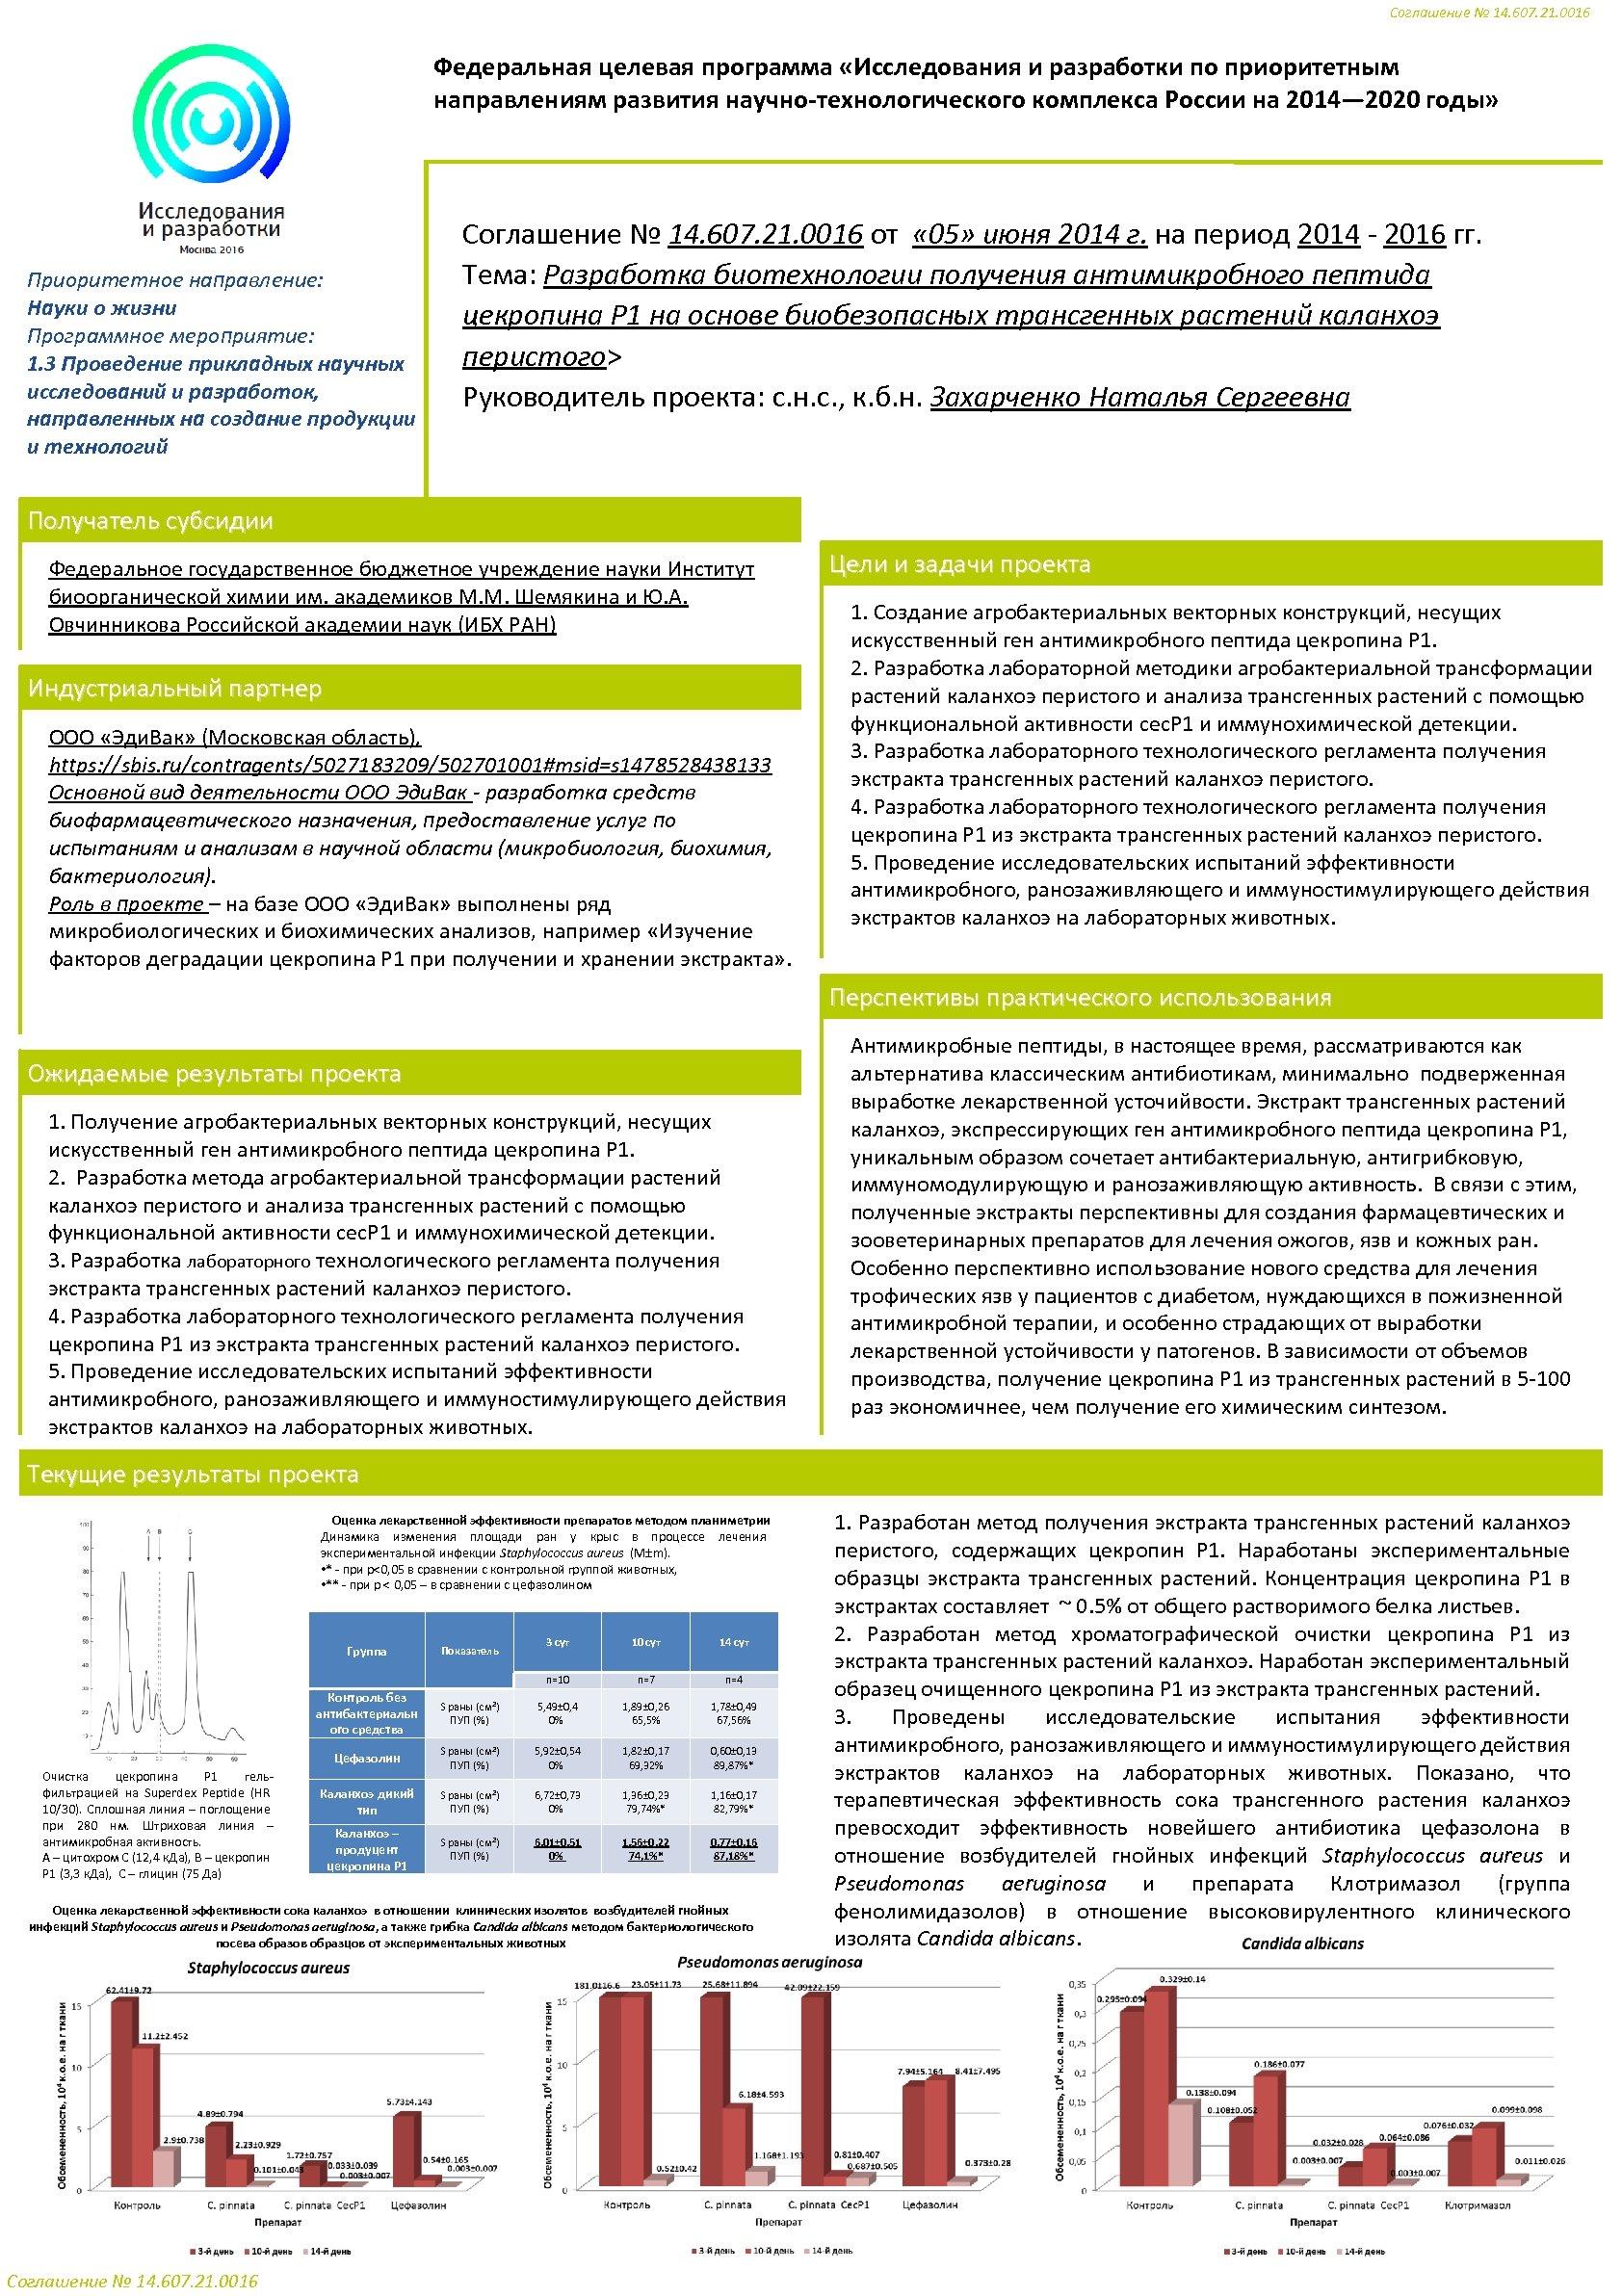 Соглашение № 14. 607. 21. 0016 Федеральная целевая программа «Исследования и разработки по приоритетным